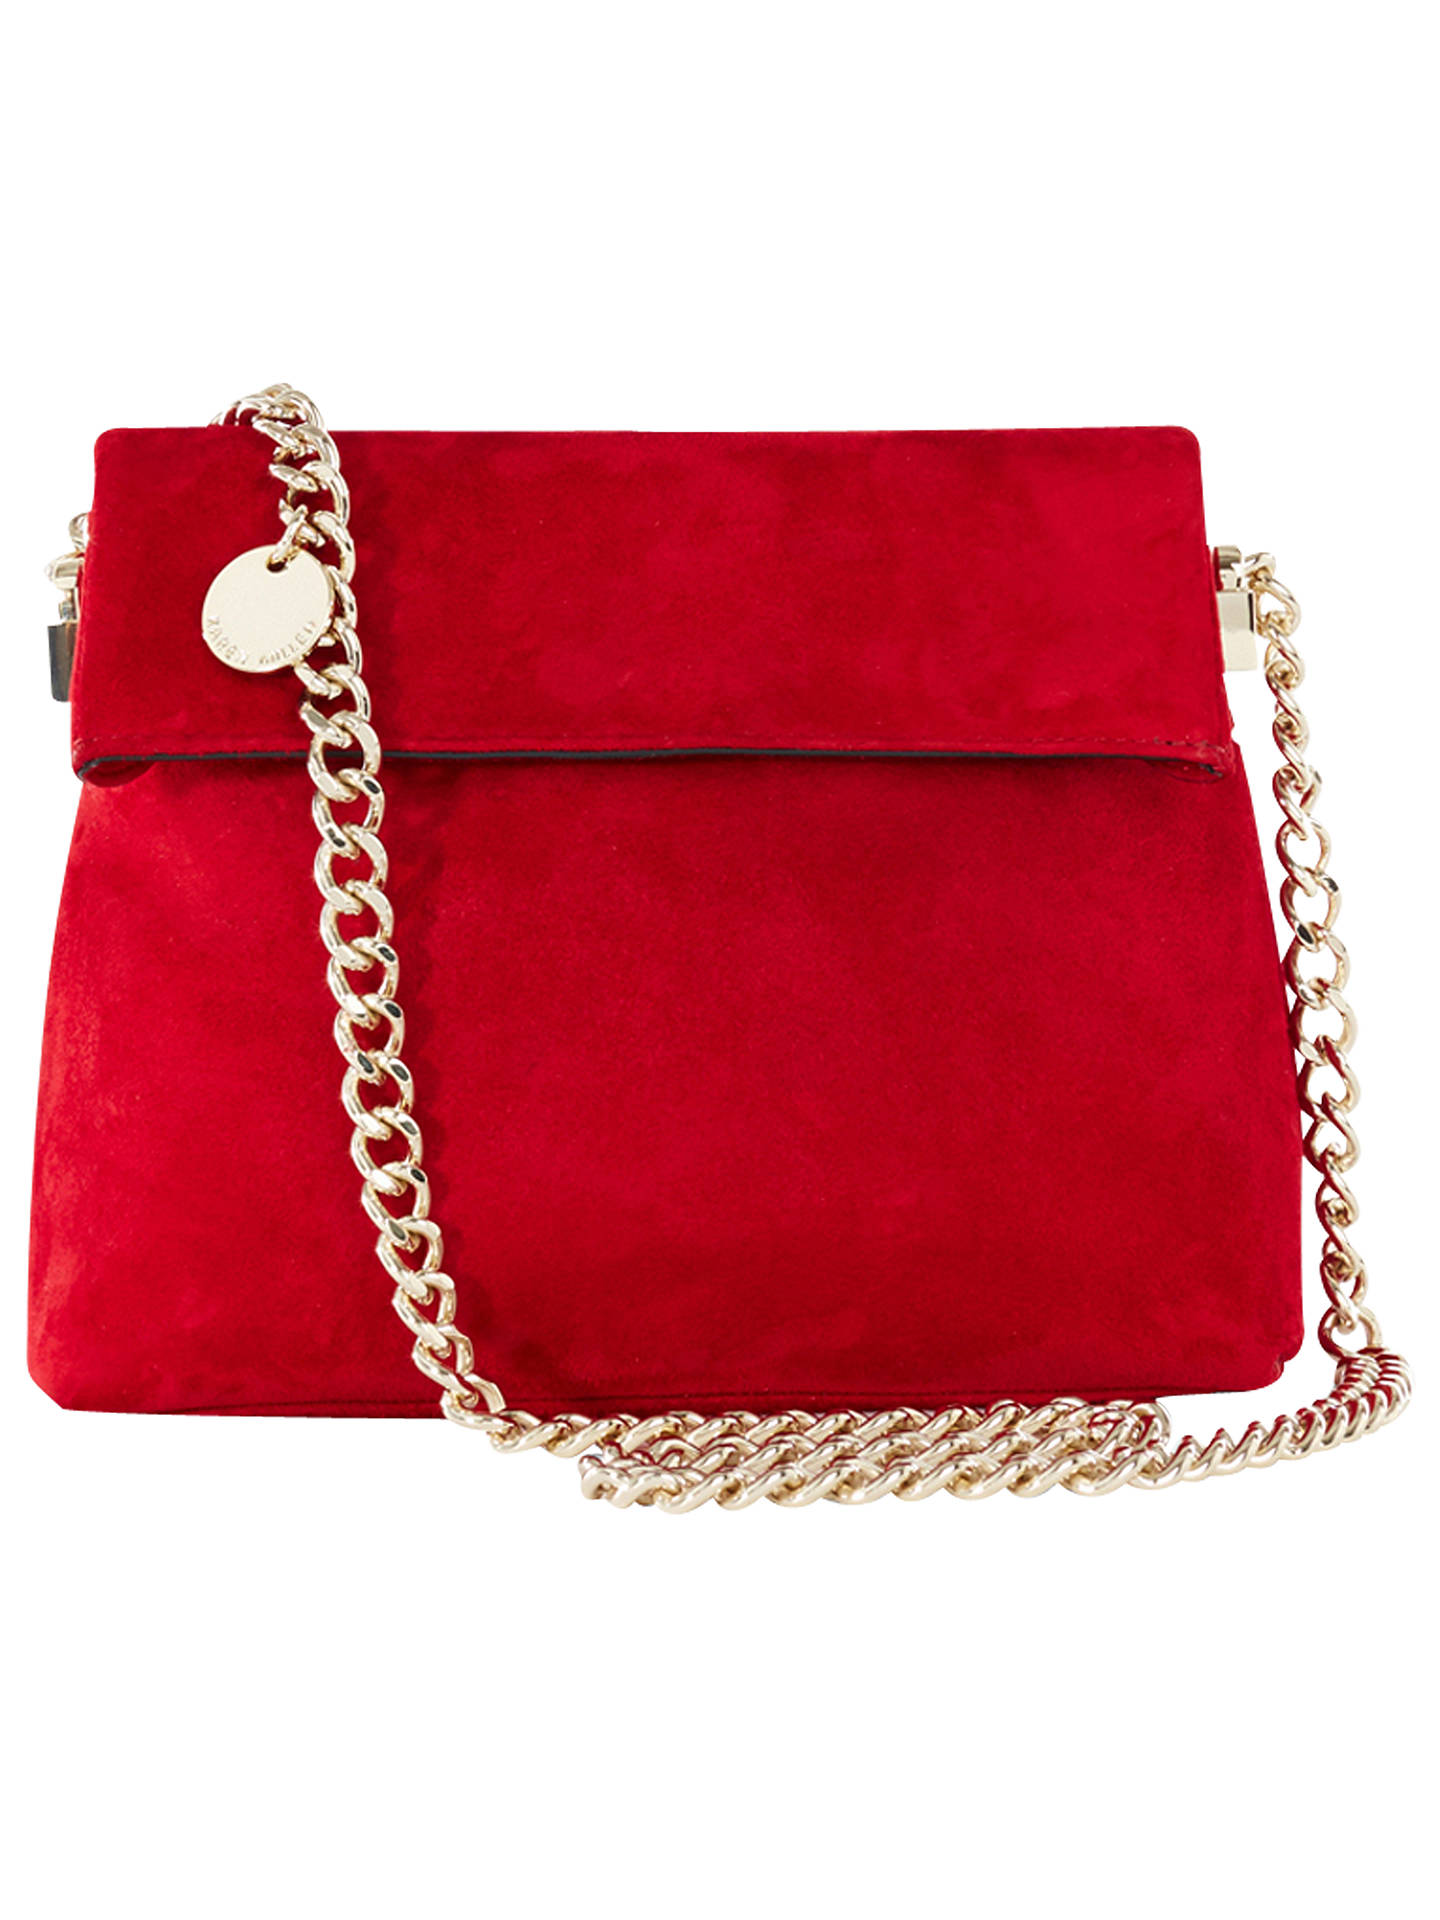 Karen Millen Mini Regent Shoulder Bag